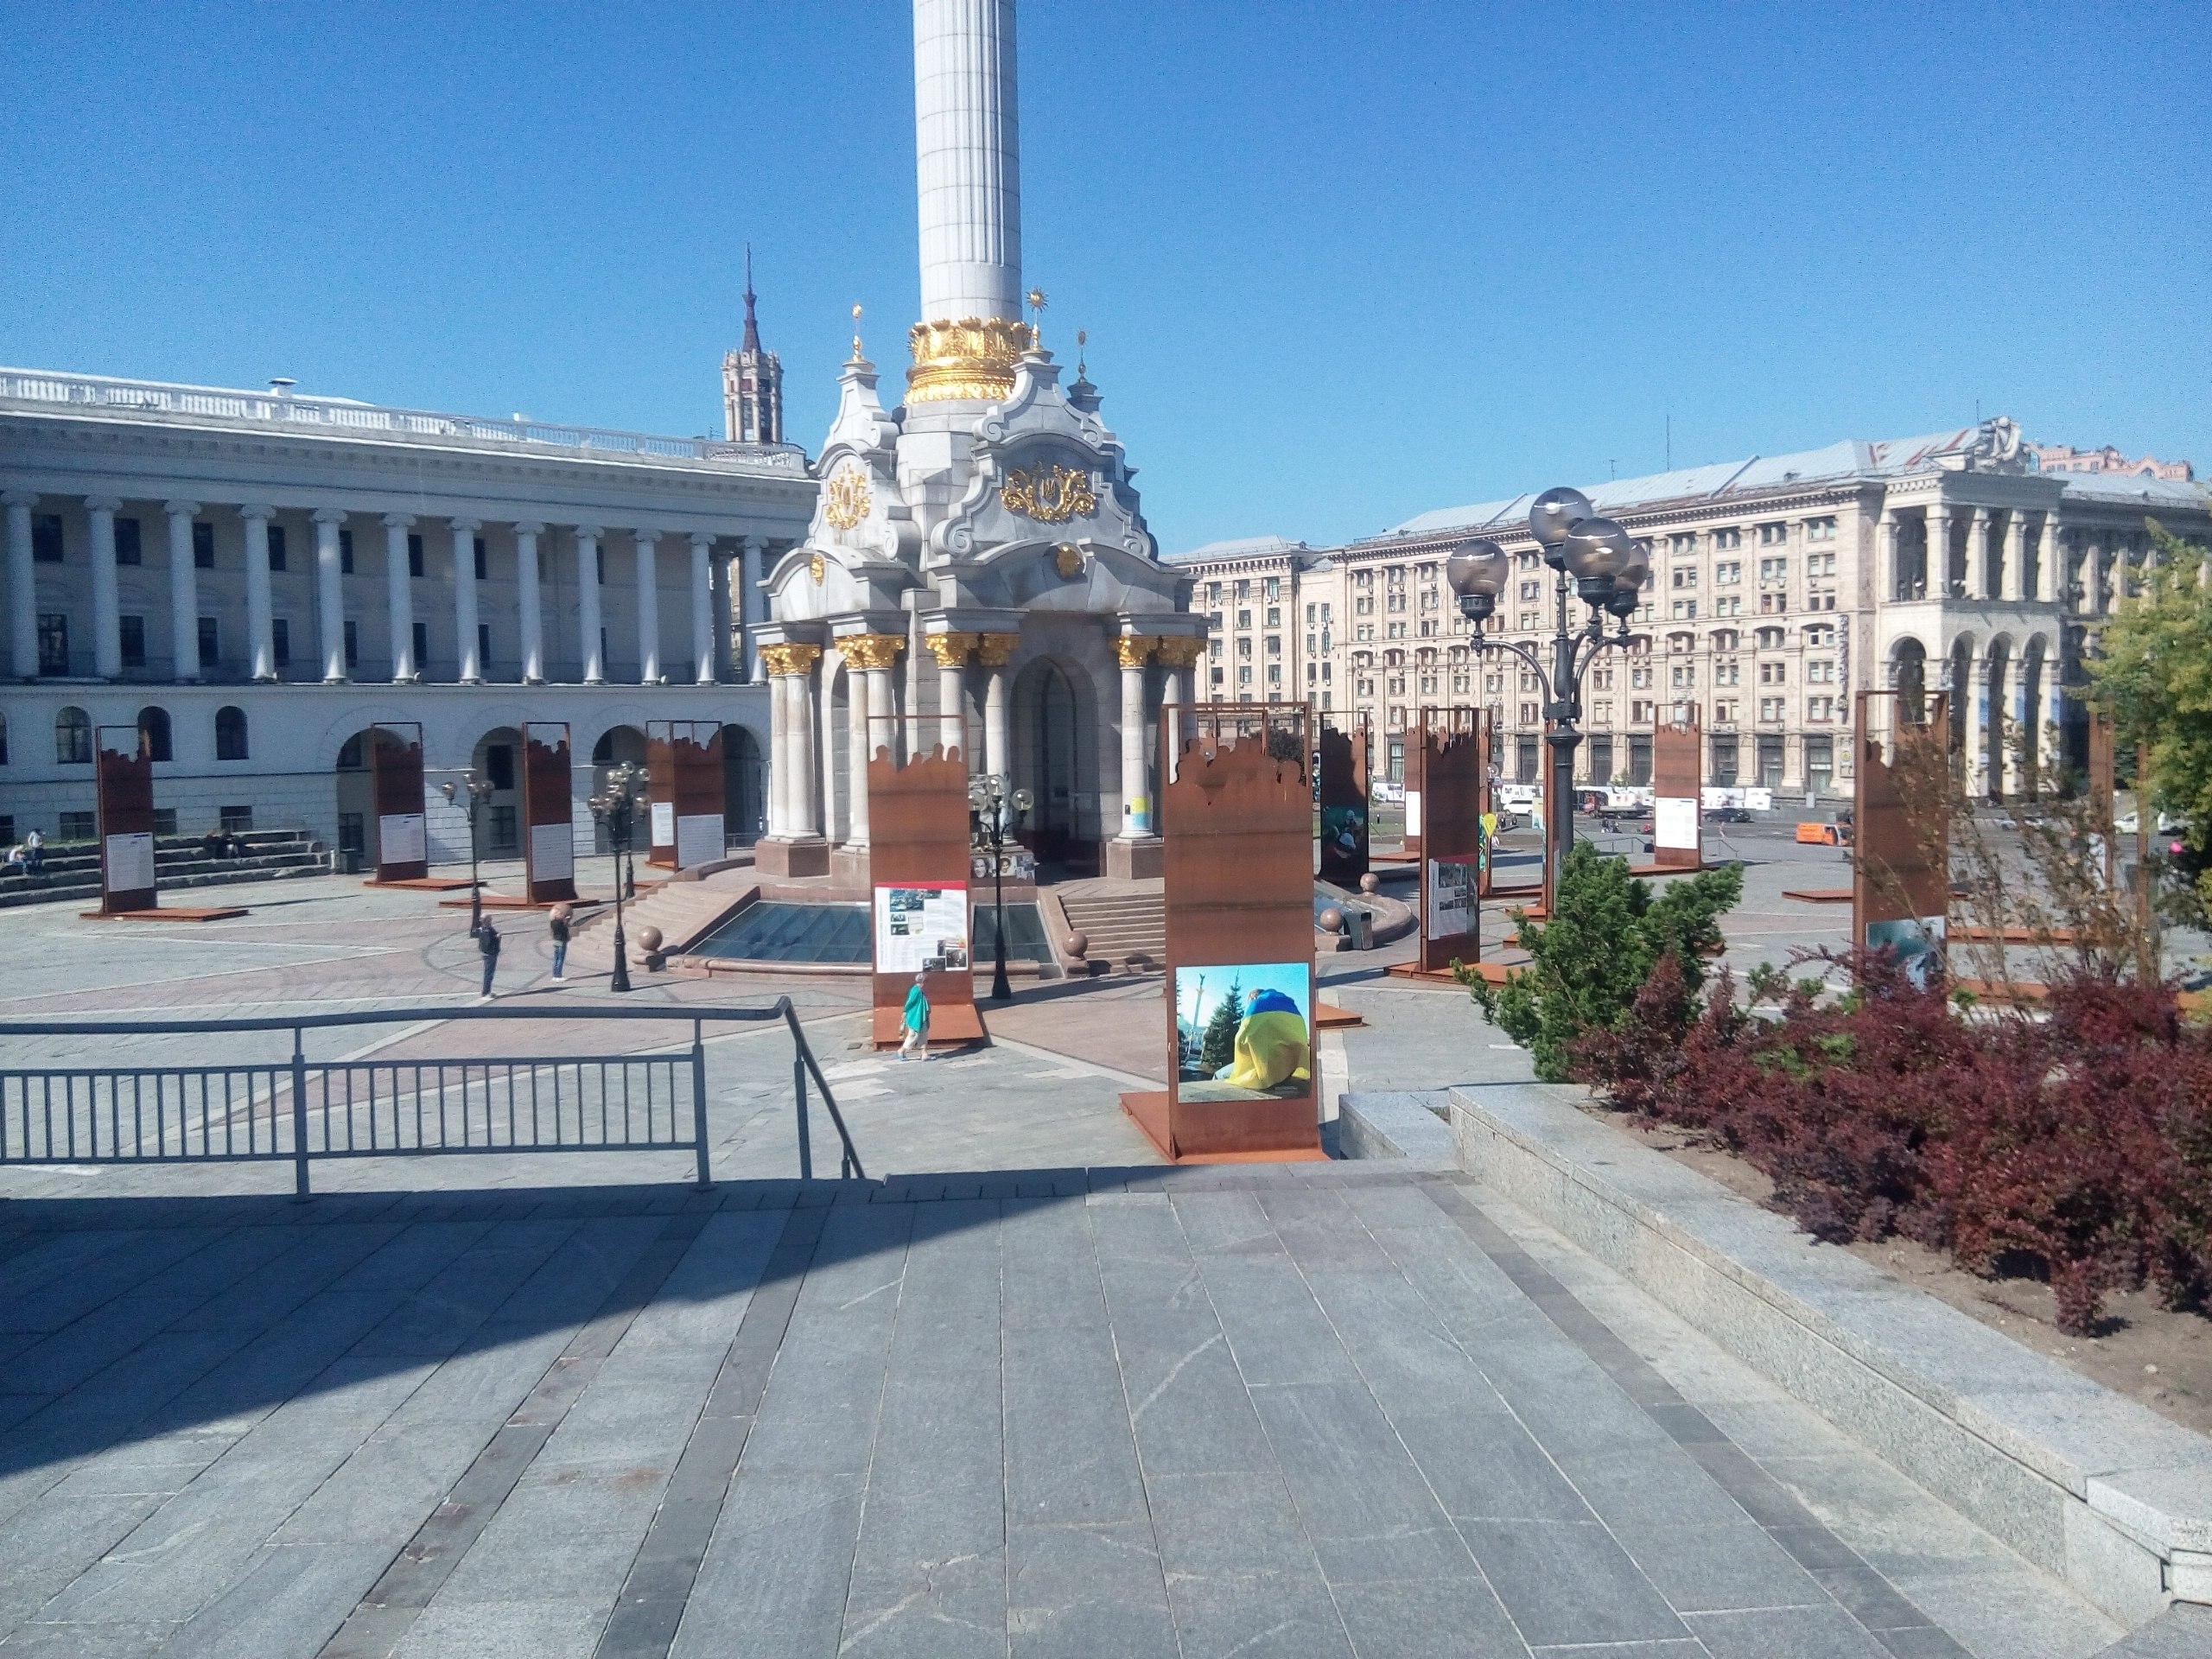 Киев. Путешествие дилетанта.